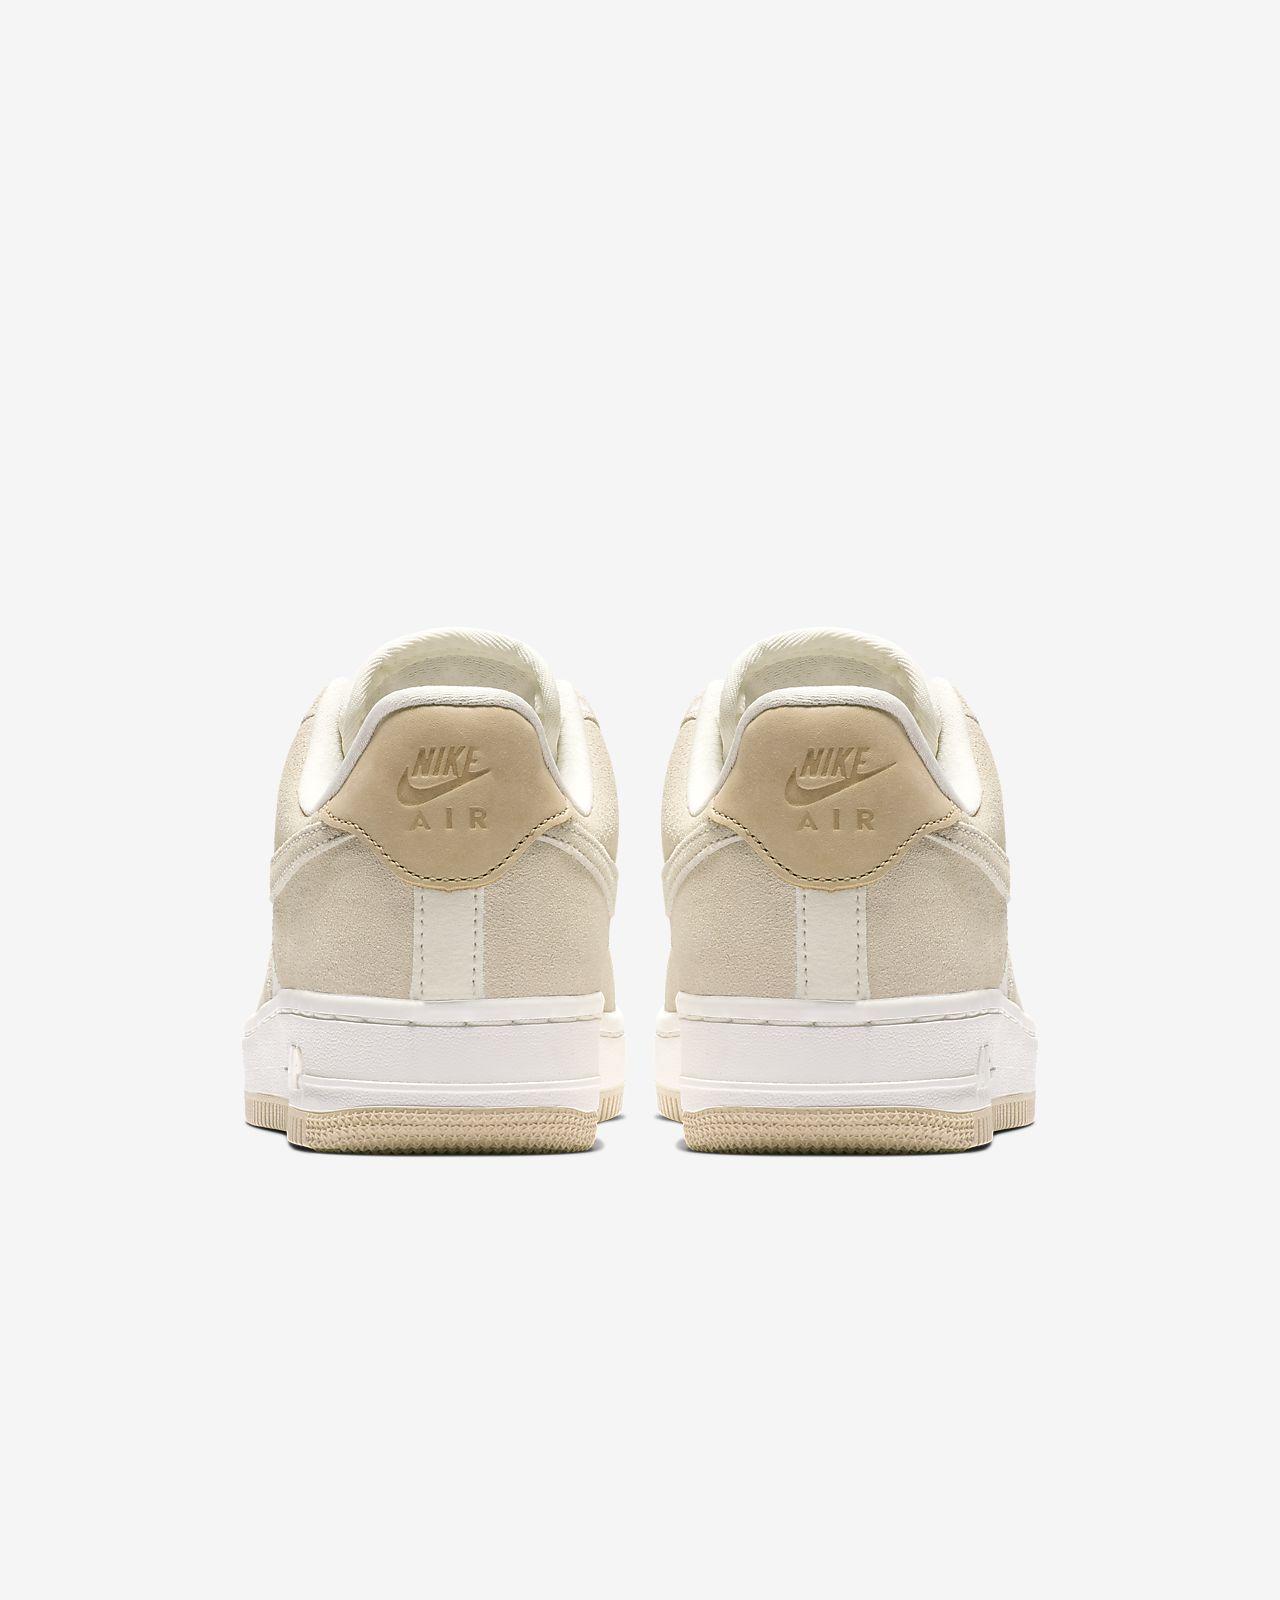 46a7e8efa98 Nike Air Force 1  07 Low Premium Women s Shoe. Nike.com LU